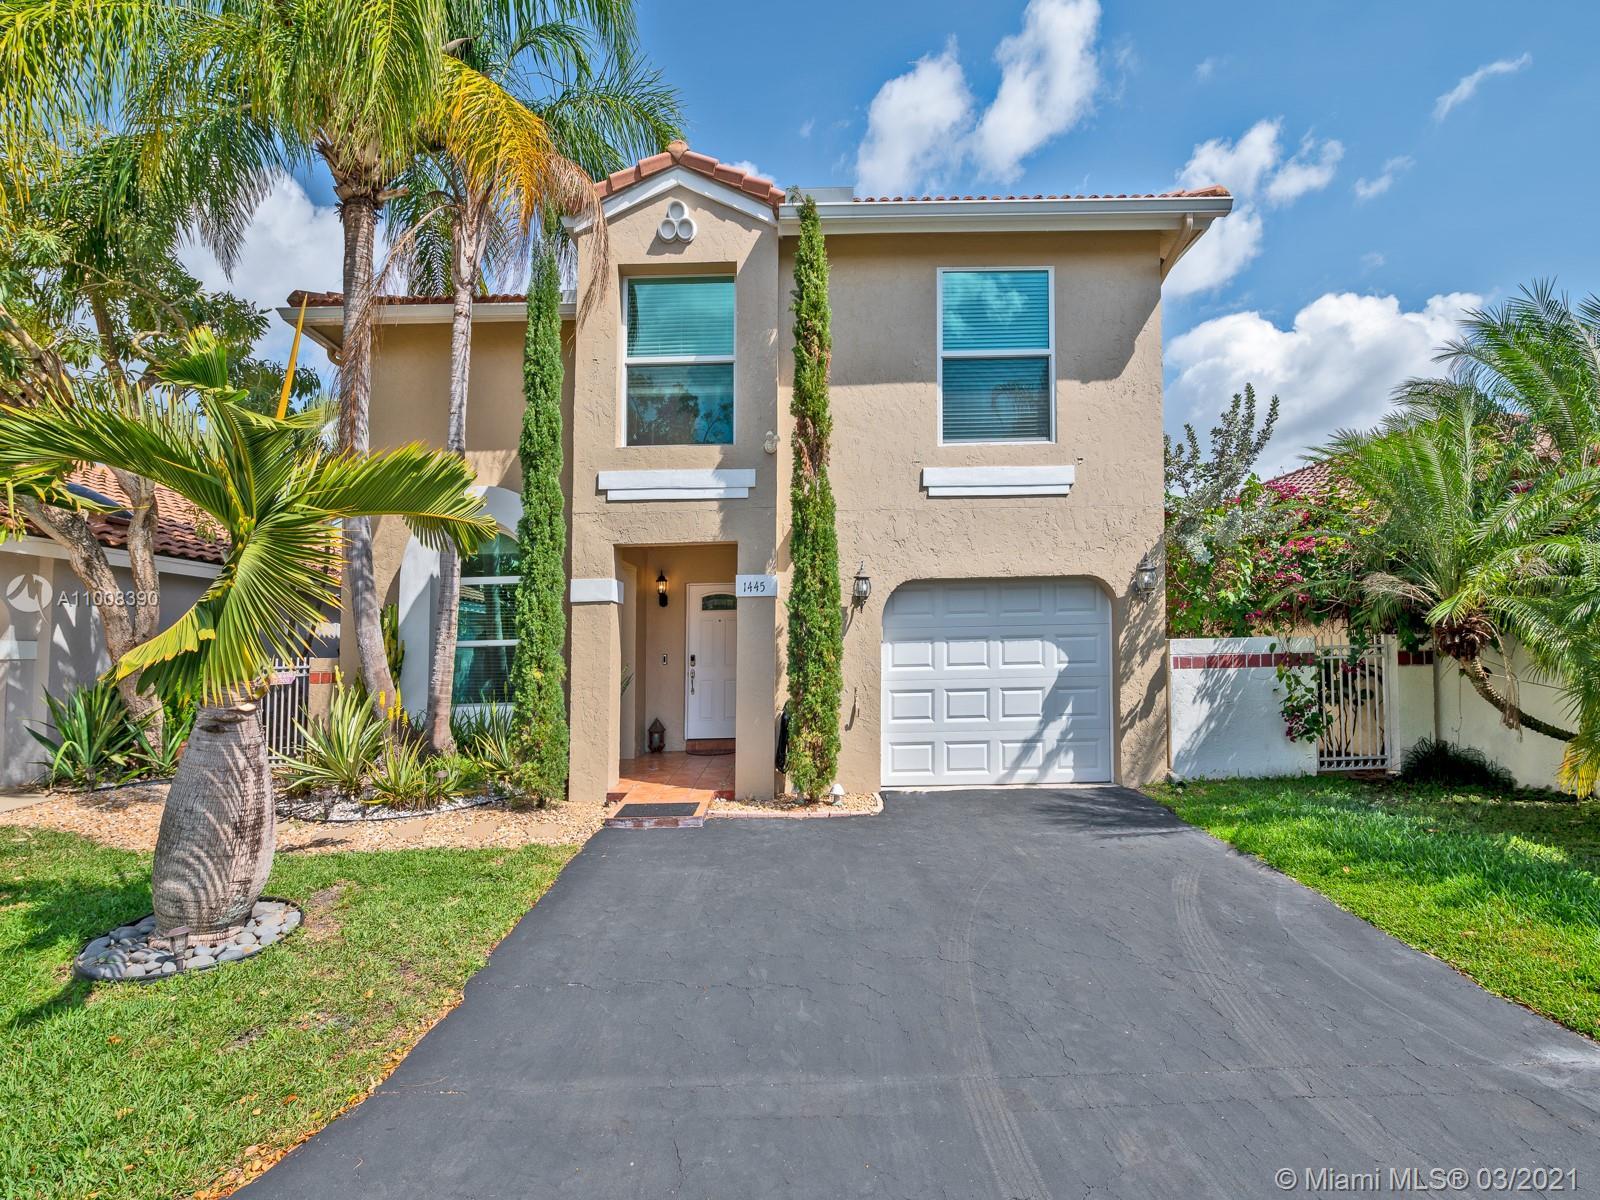 Weston - 1445 Garden Rd, Weston, FL 33326